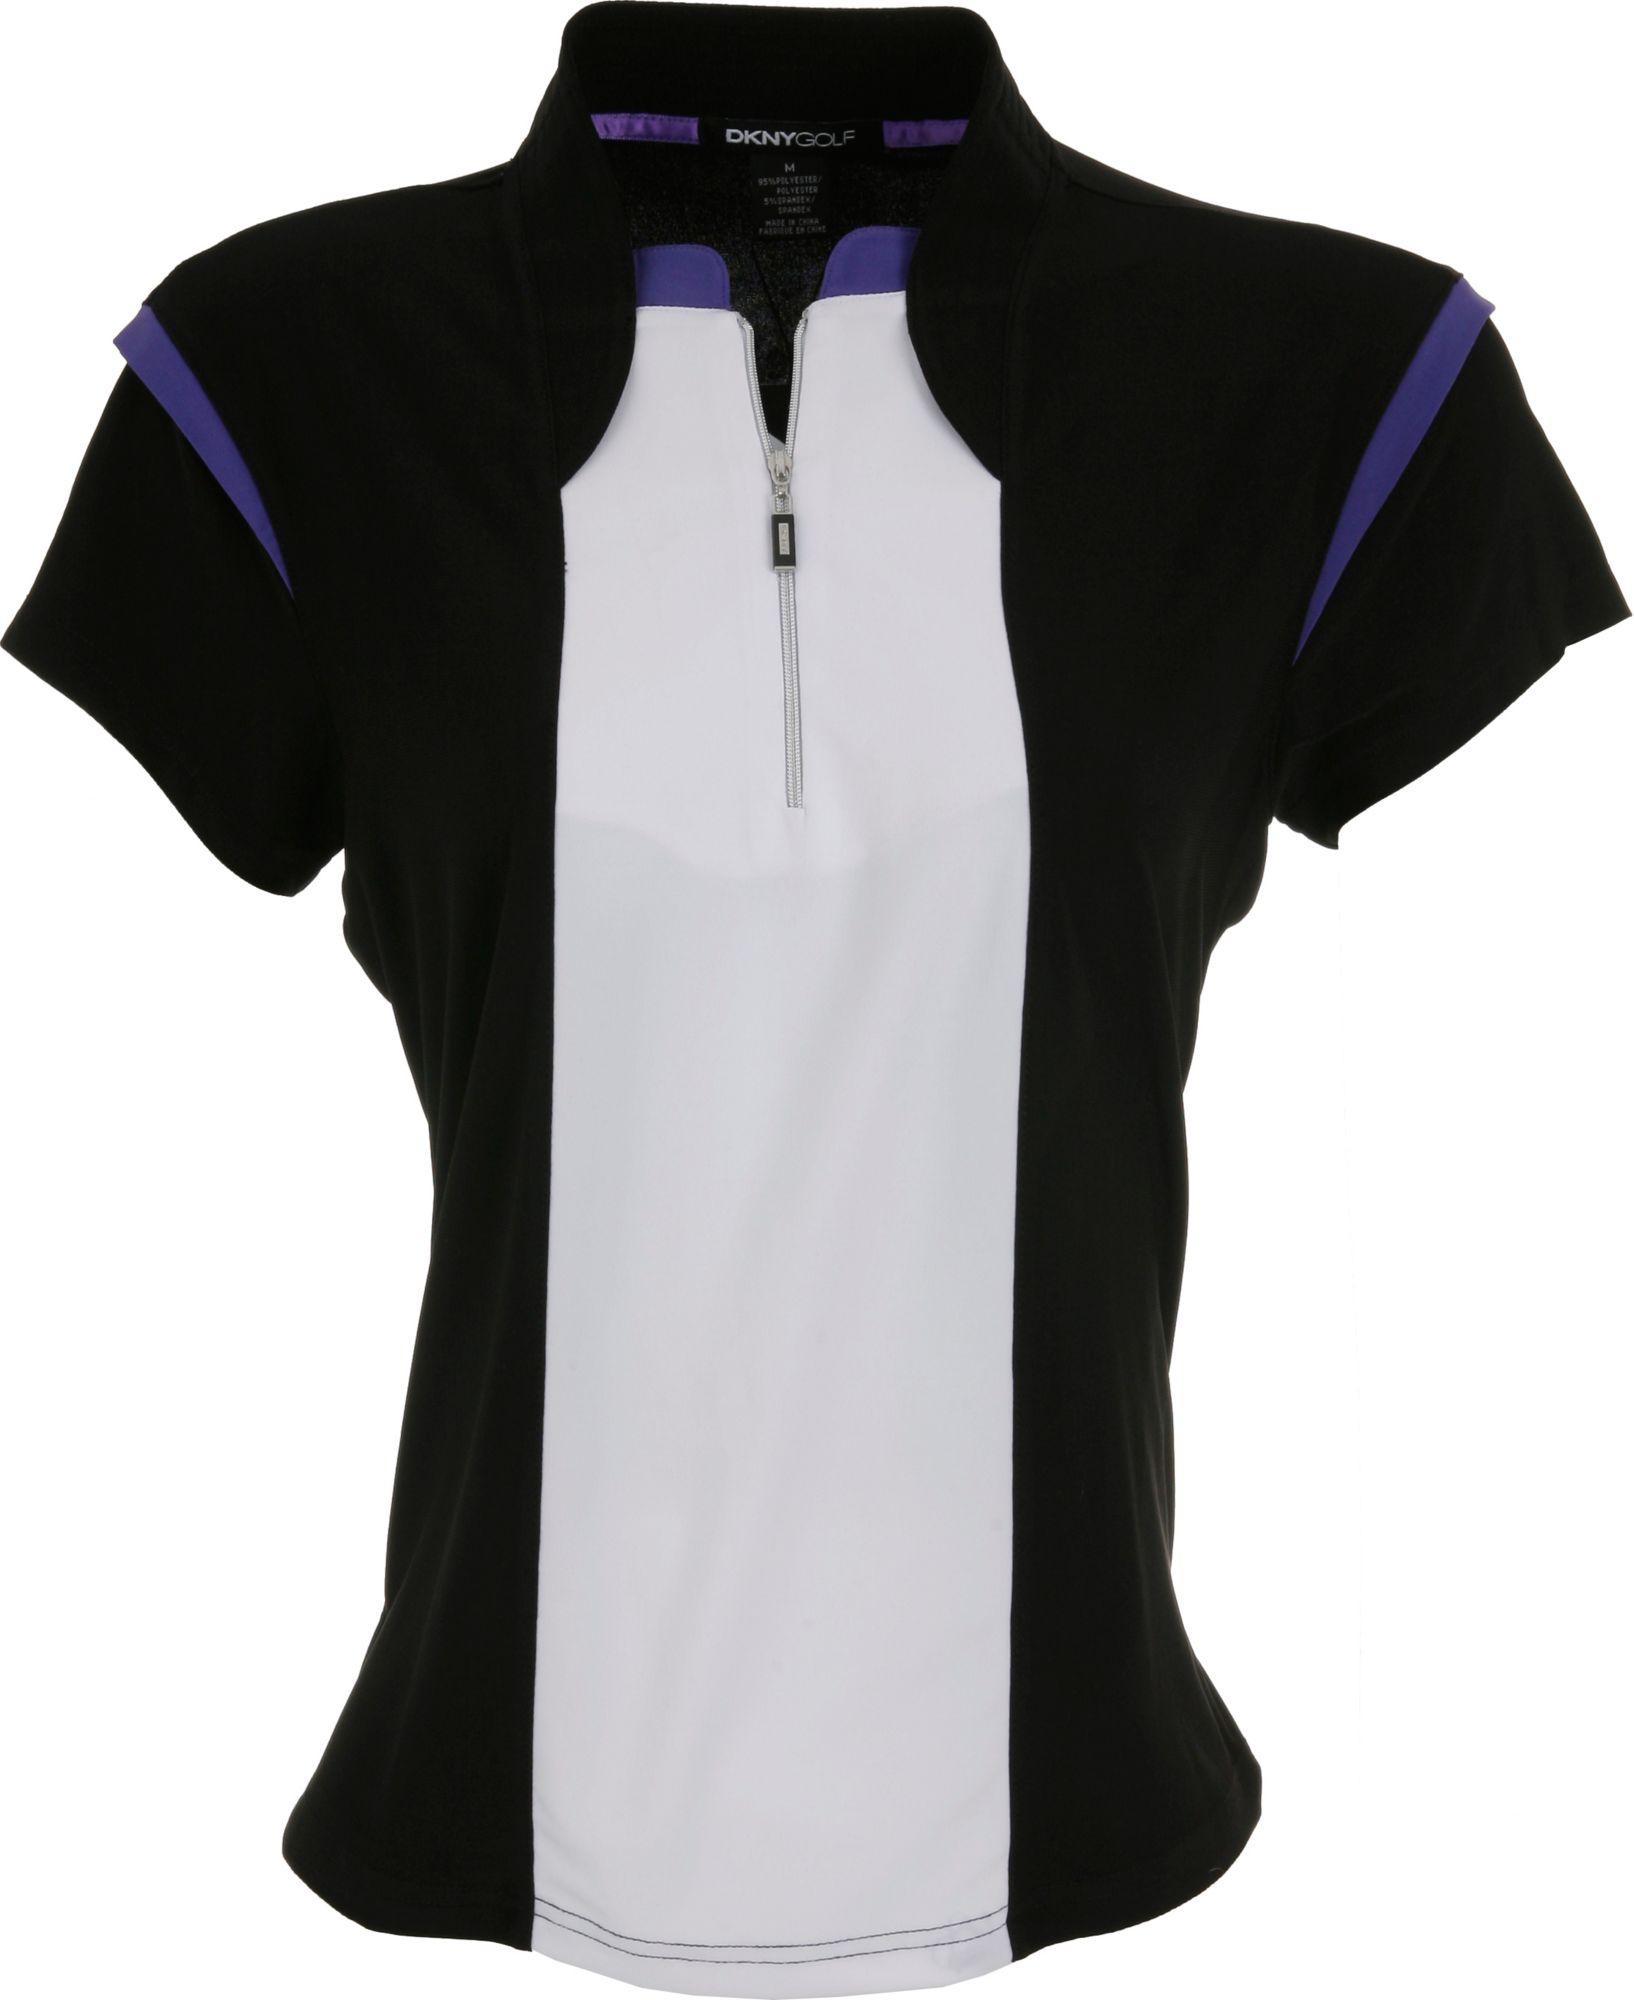 DKNY Women's Zip Blocked Calypso Short Sleeve Polo